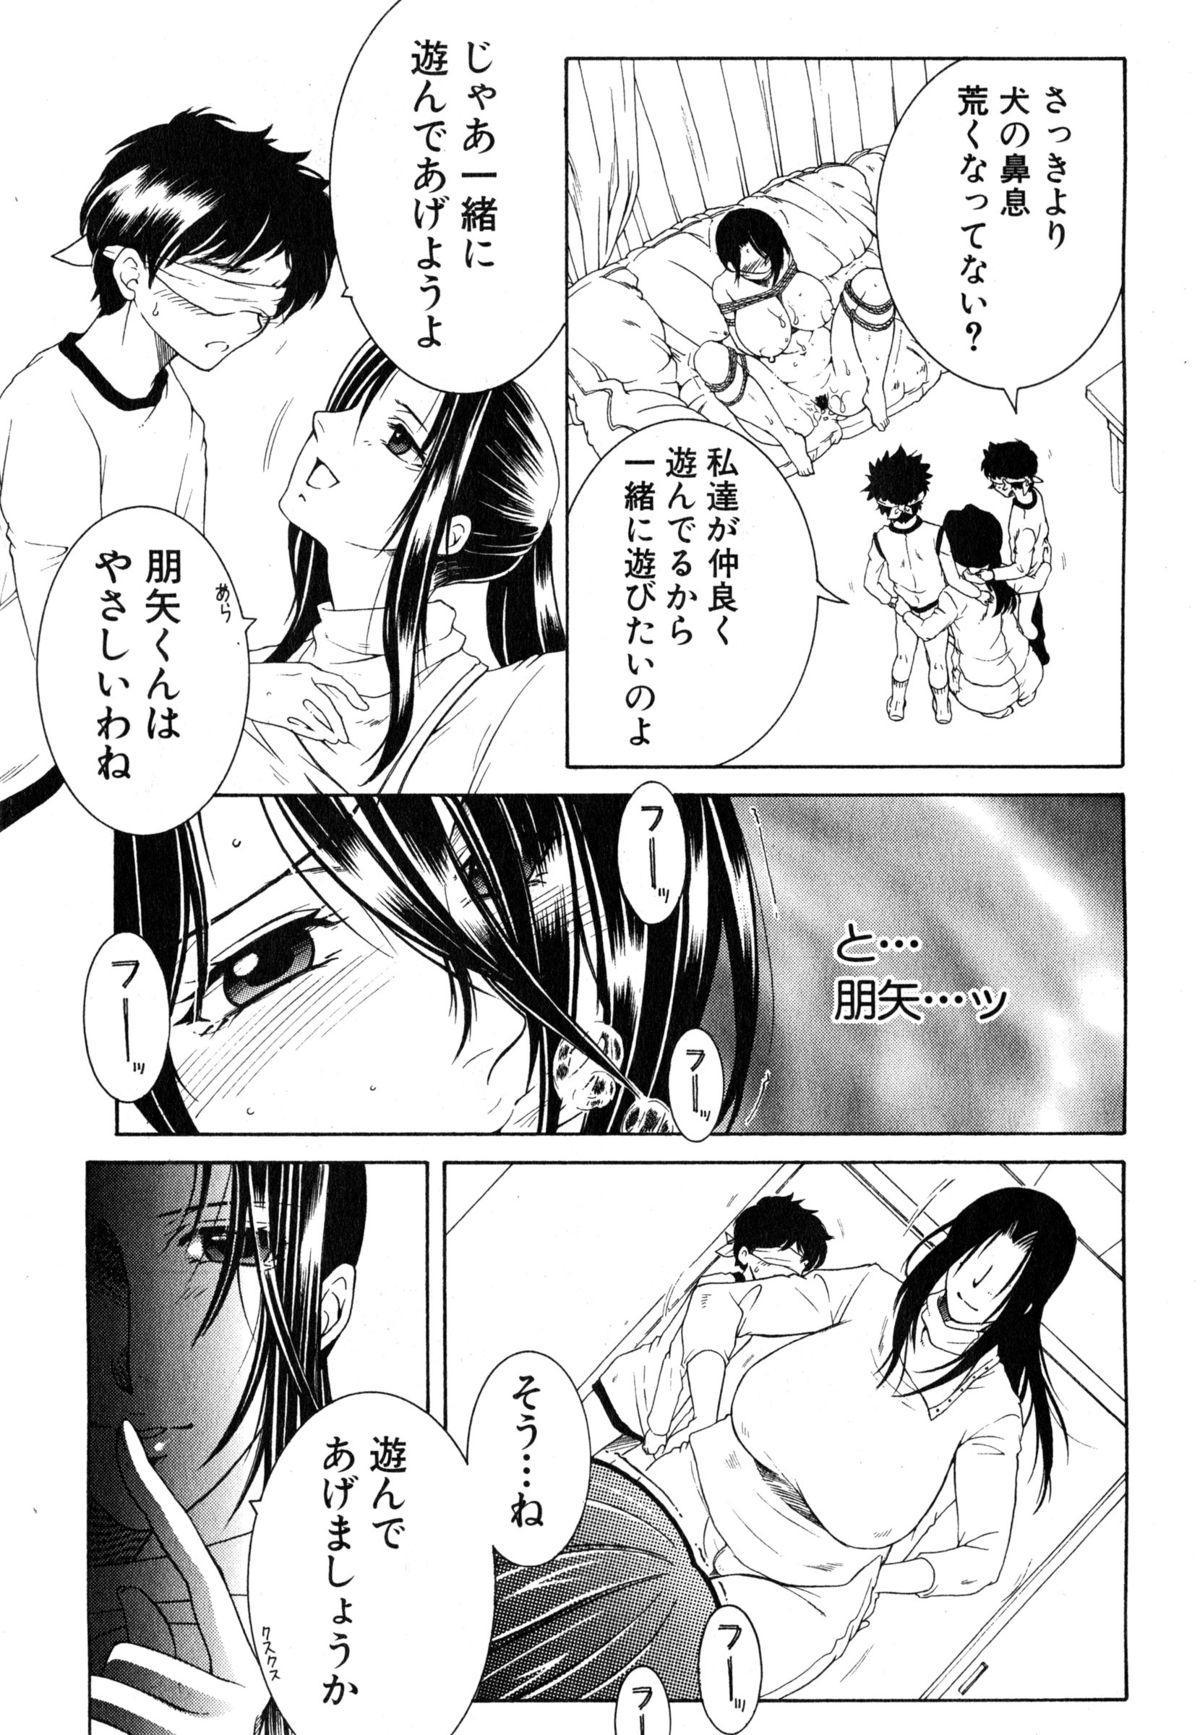 Boku no Katei Chijou Ch. 1-3 91